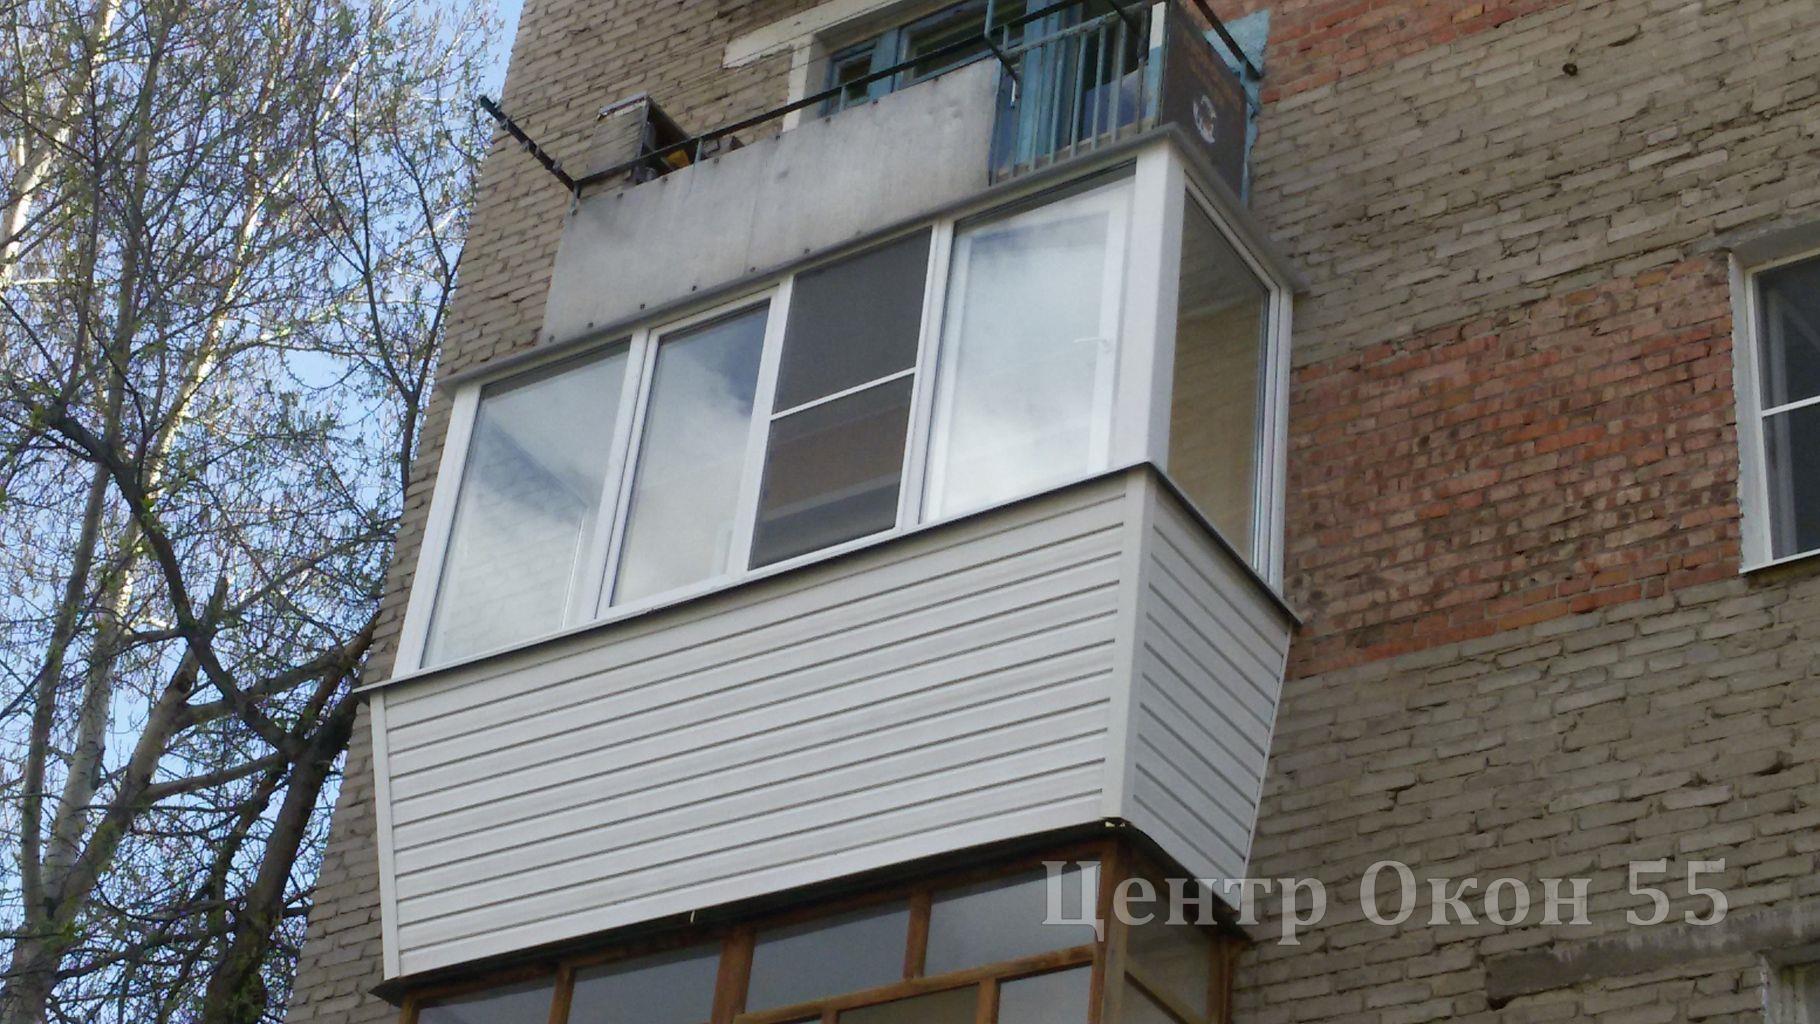 """Балкон с выносом - компания """"центр окон"""", г. омск."""